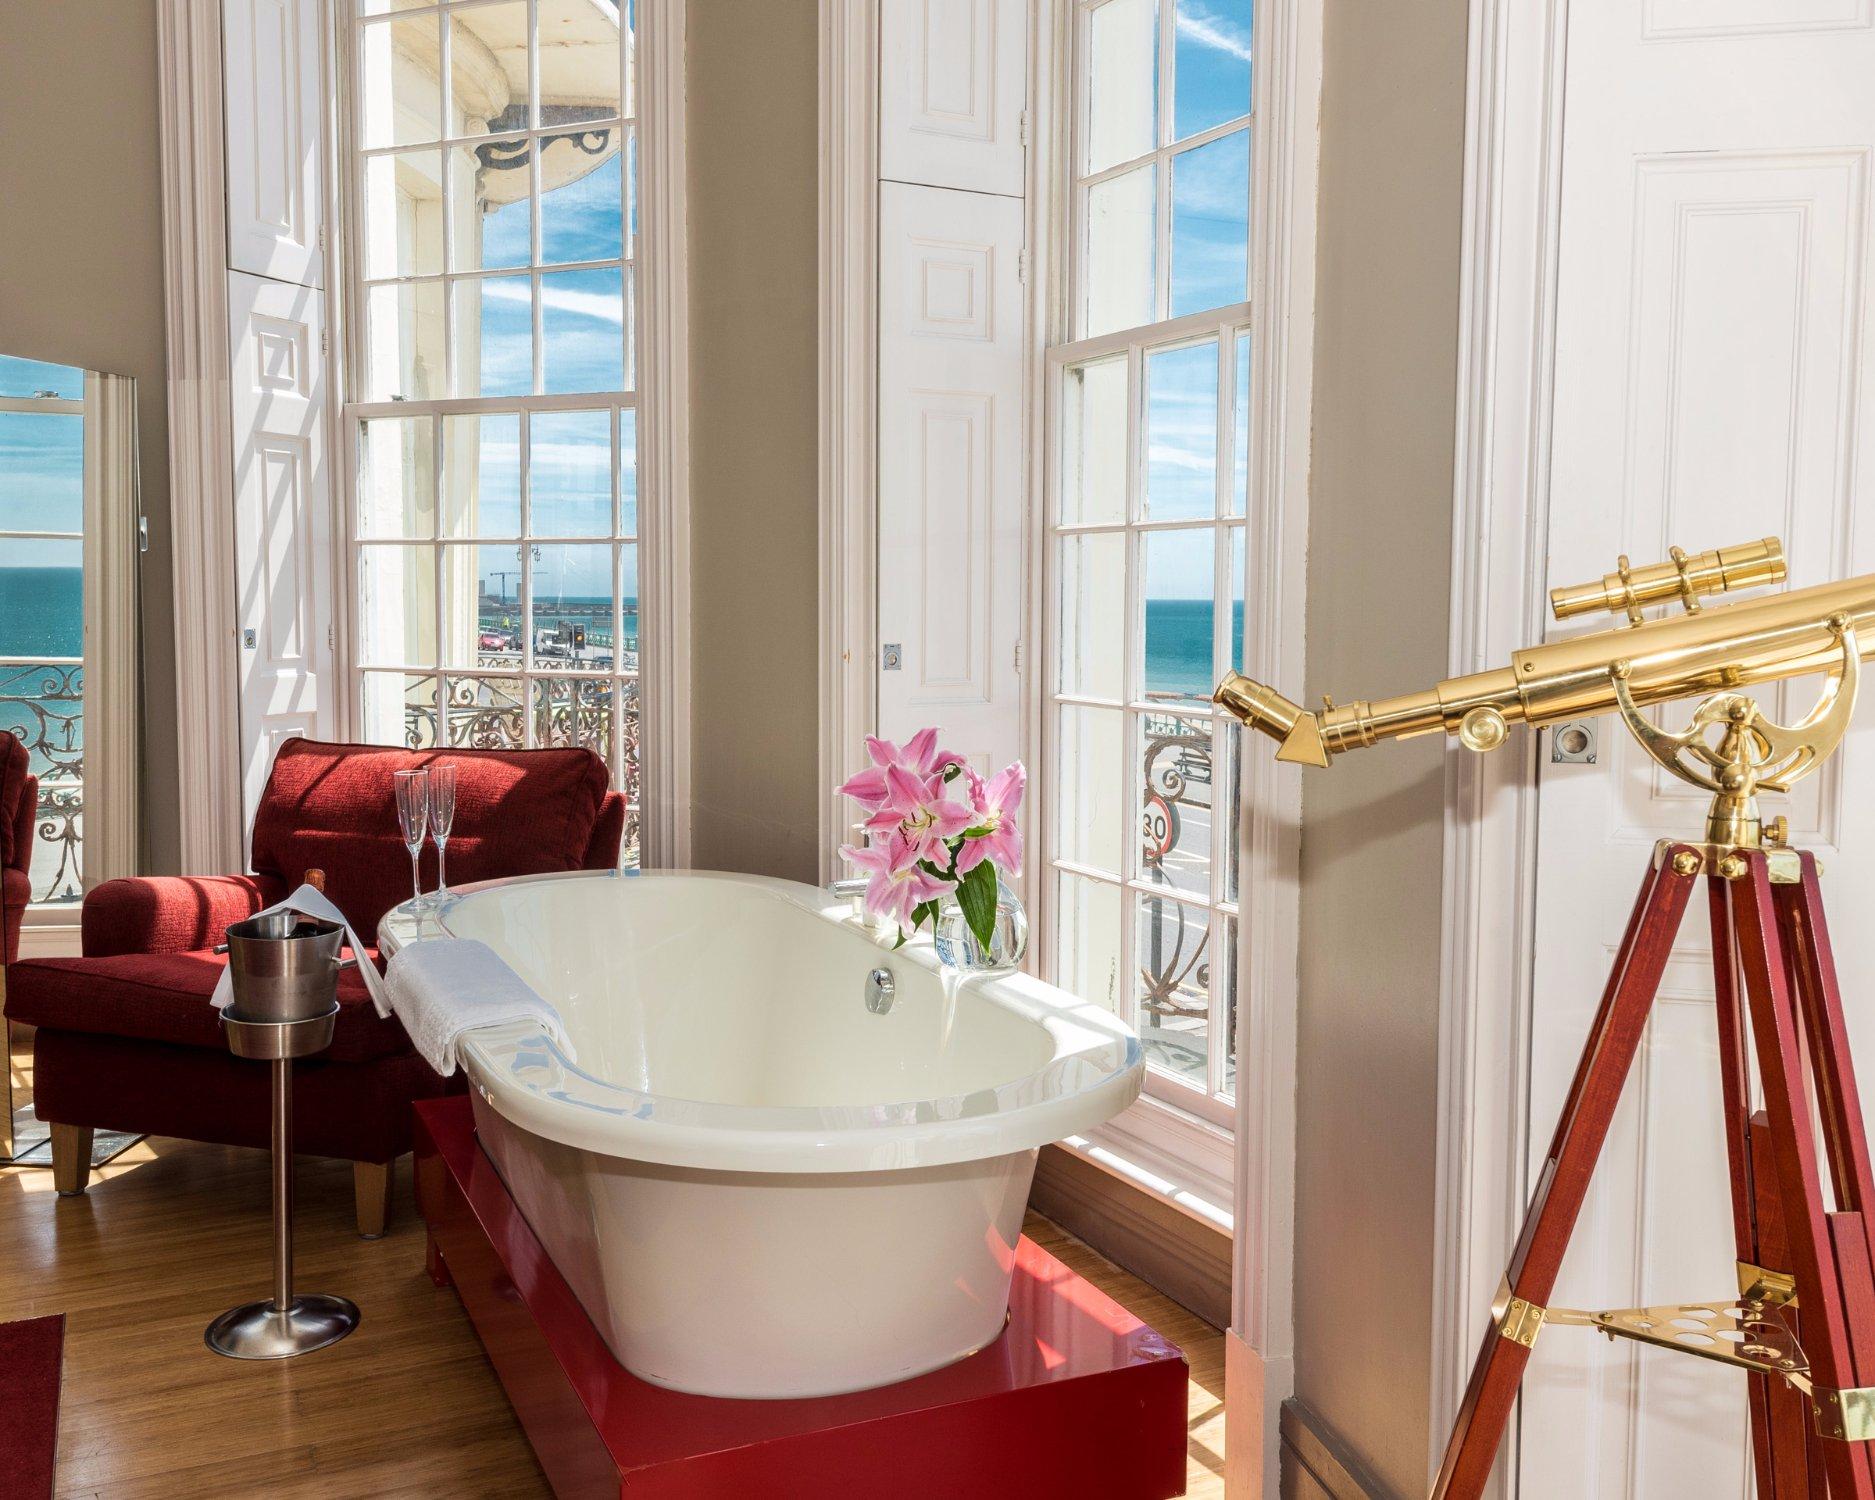 Drakes hotel brighton 2017 prices reviews photos for Anatolia cuisine brighton